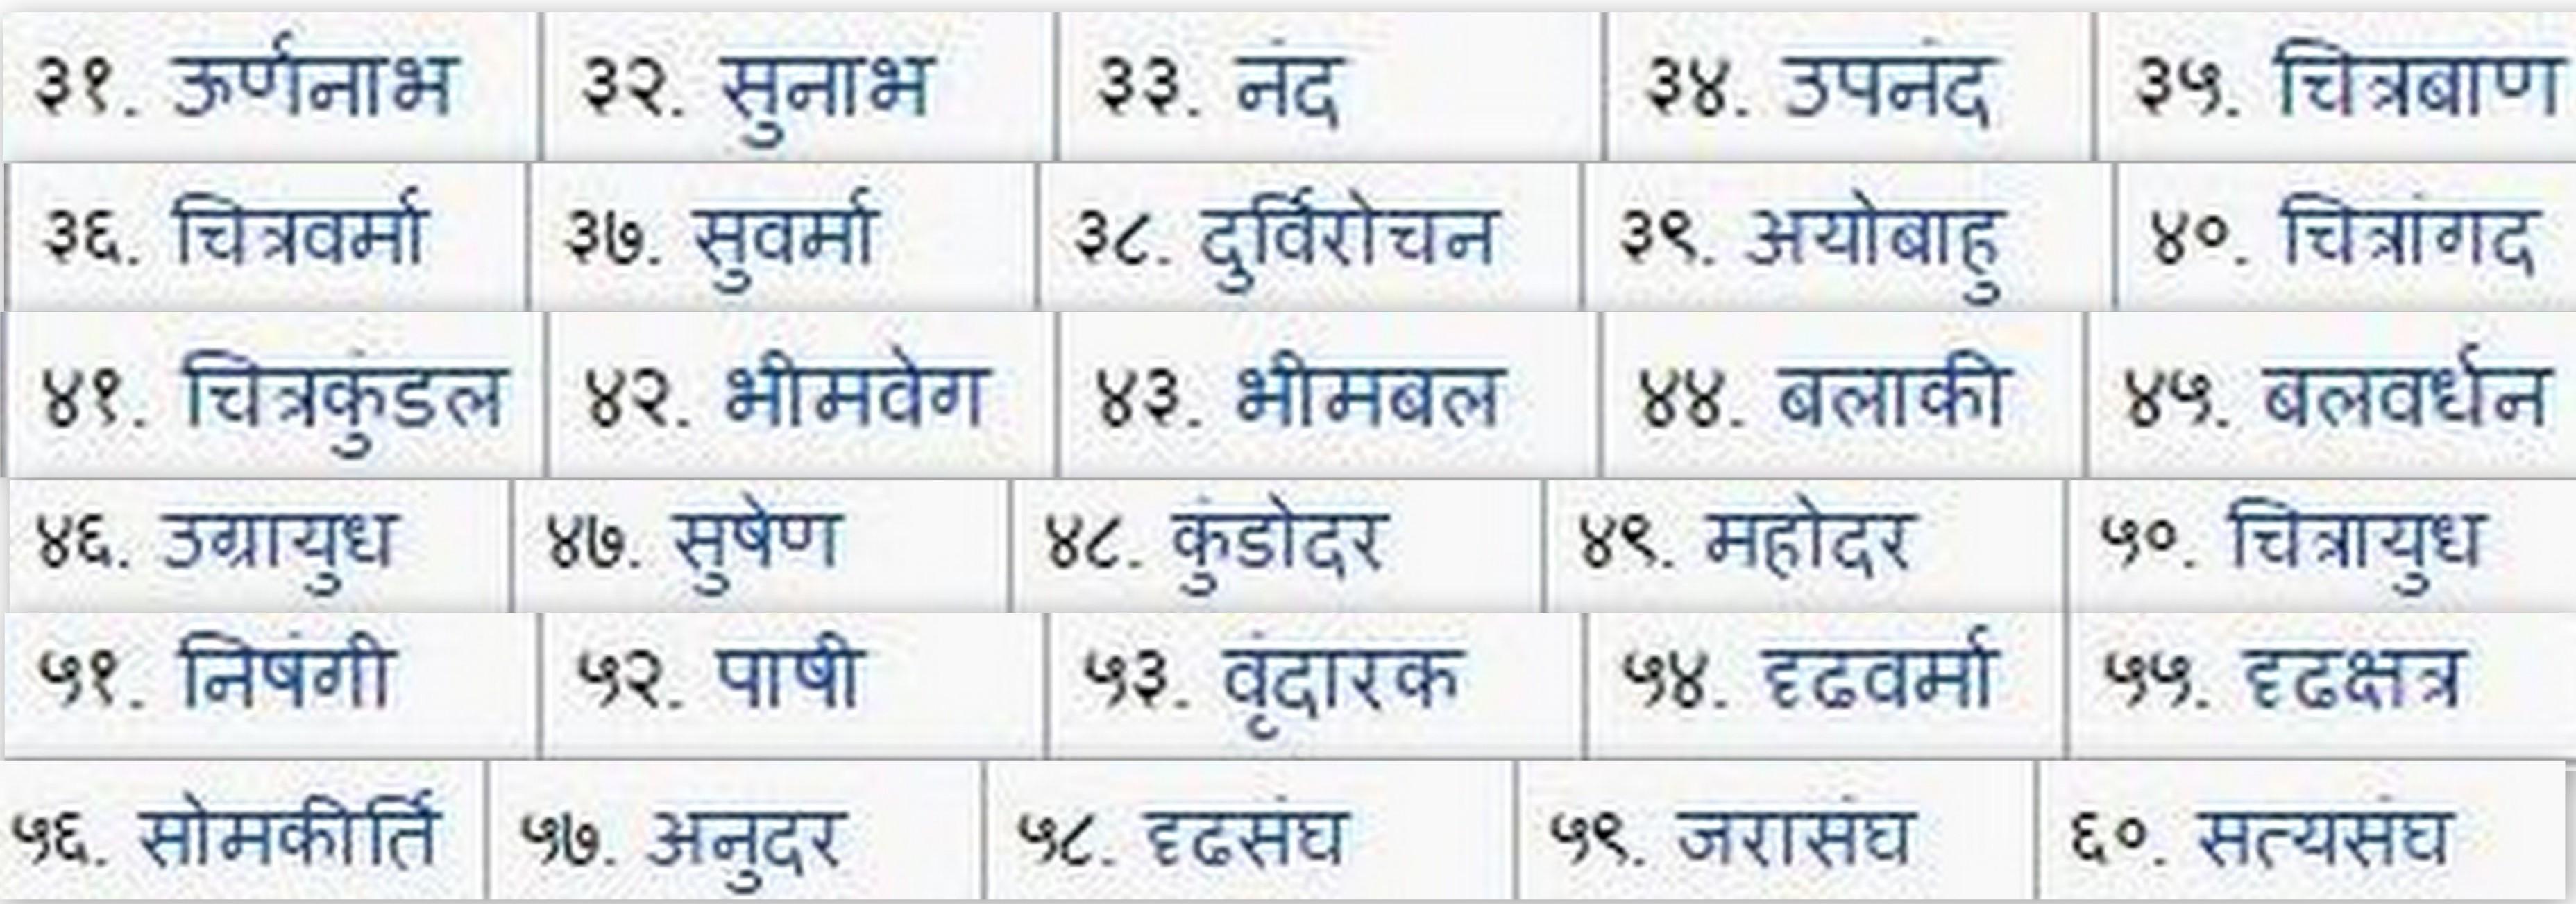 kaurava-names-marathipizza02